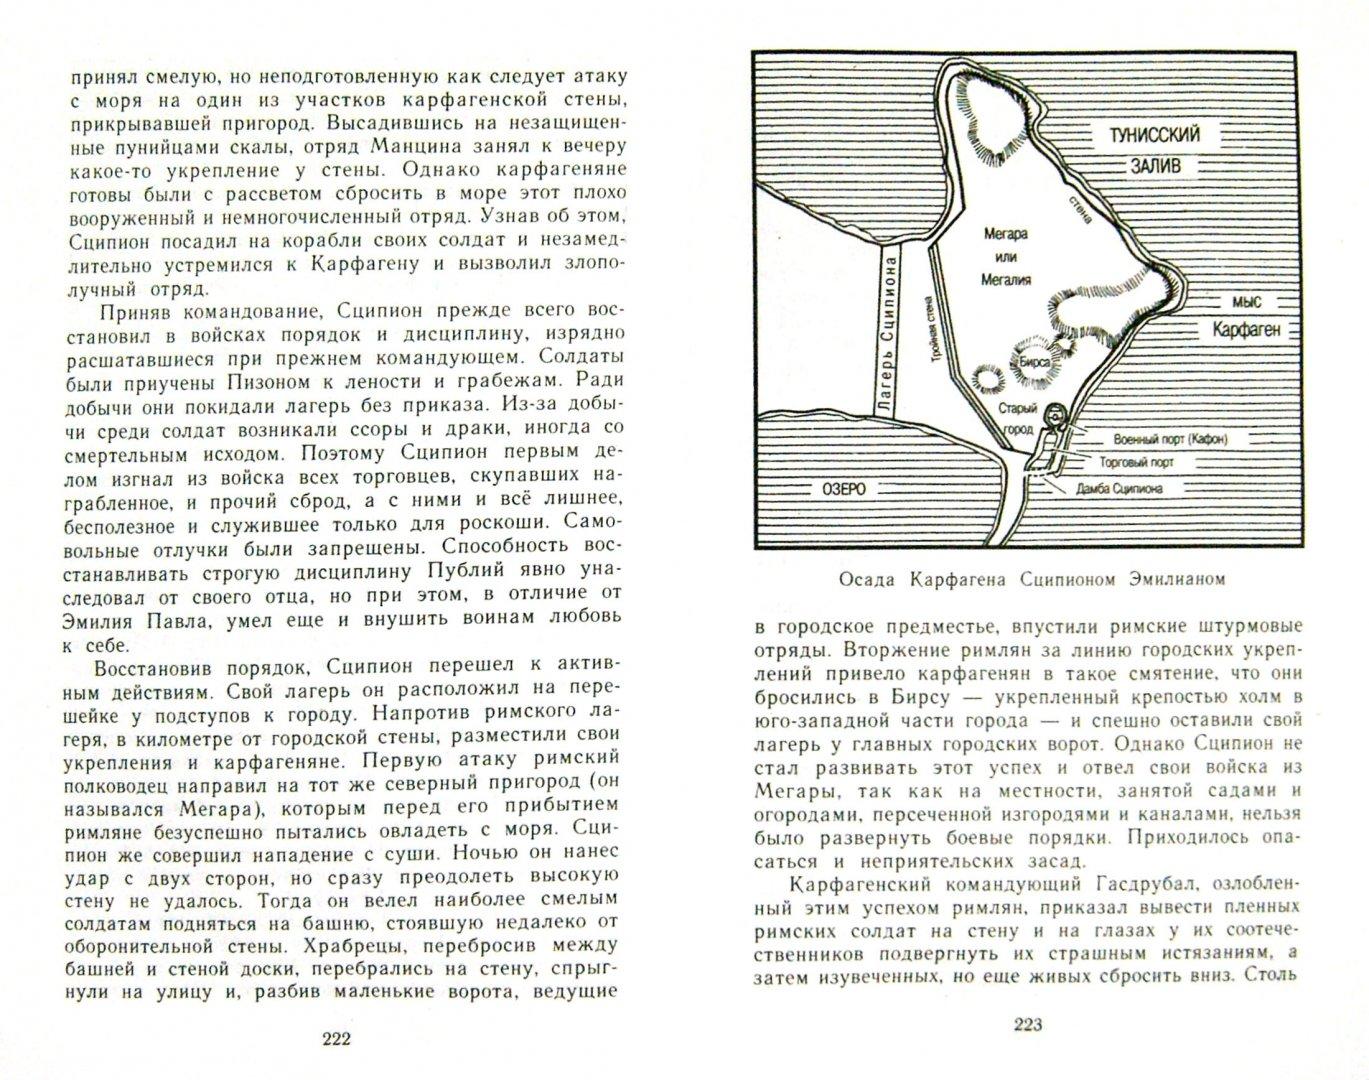 Иллюстрация 1 из 11 для Римские войны - Александр Махлаюк | Лабиринт - книги. Источник: Лабиринт